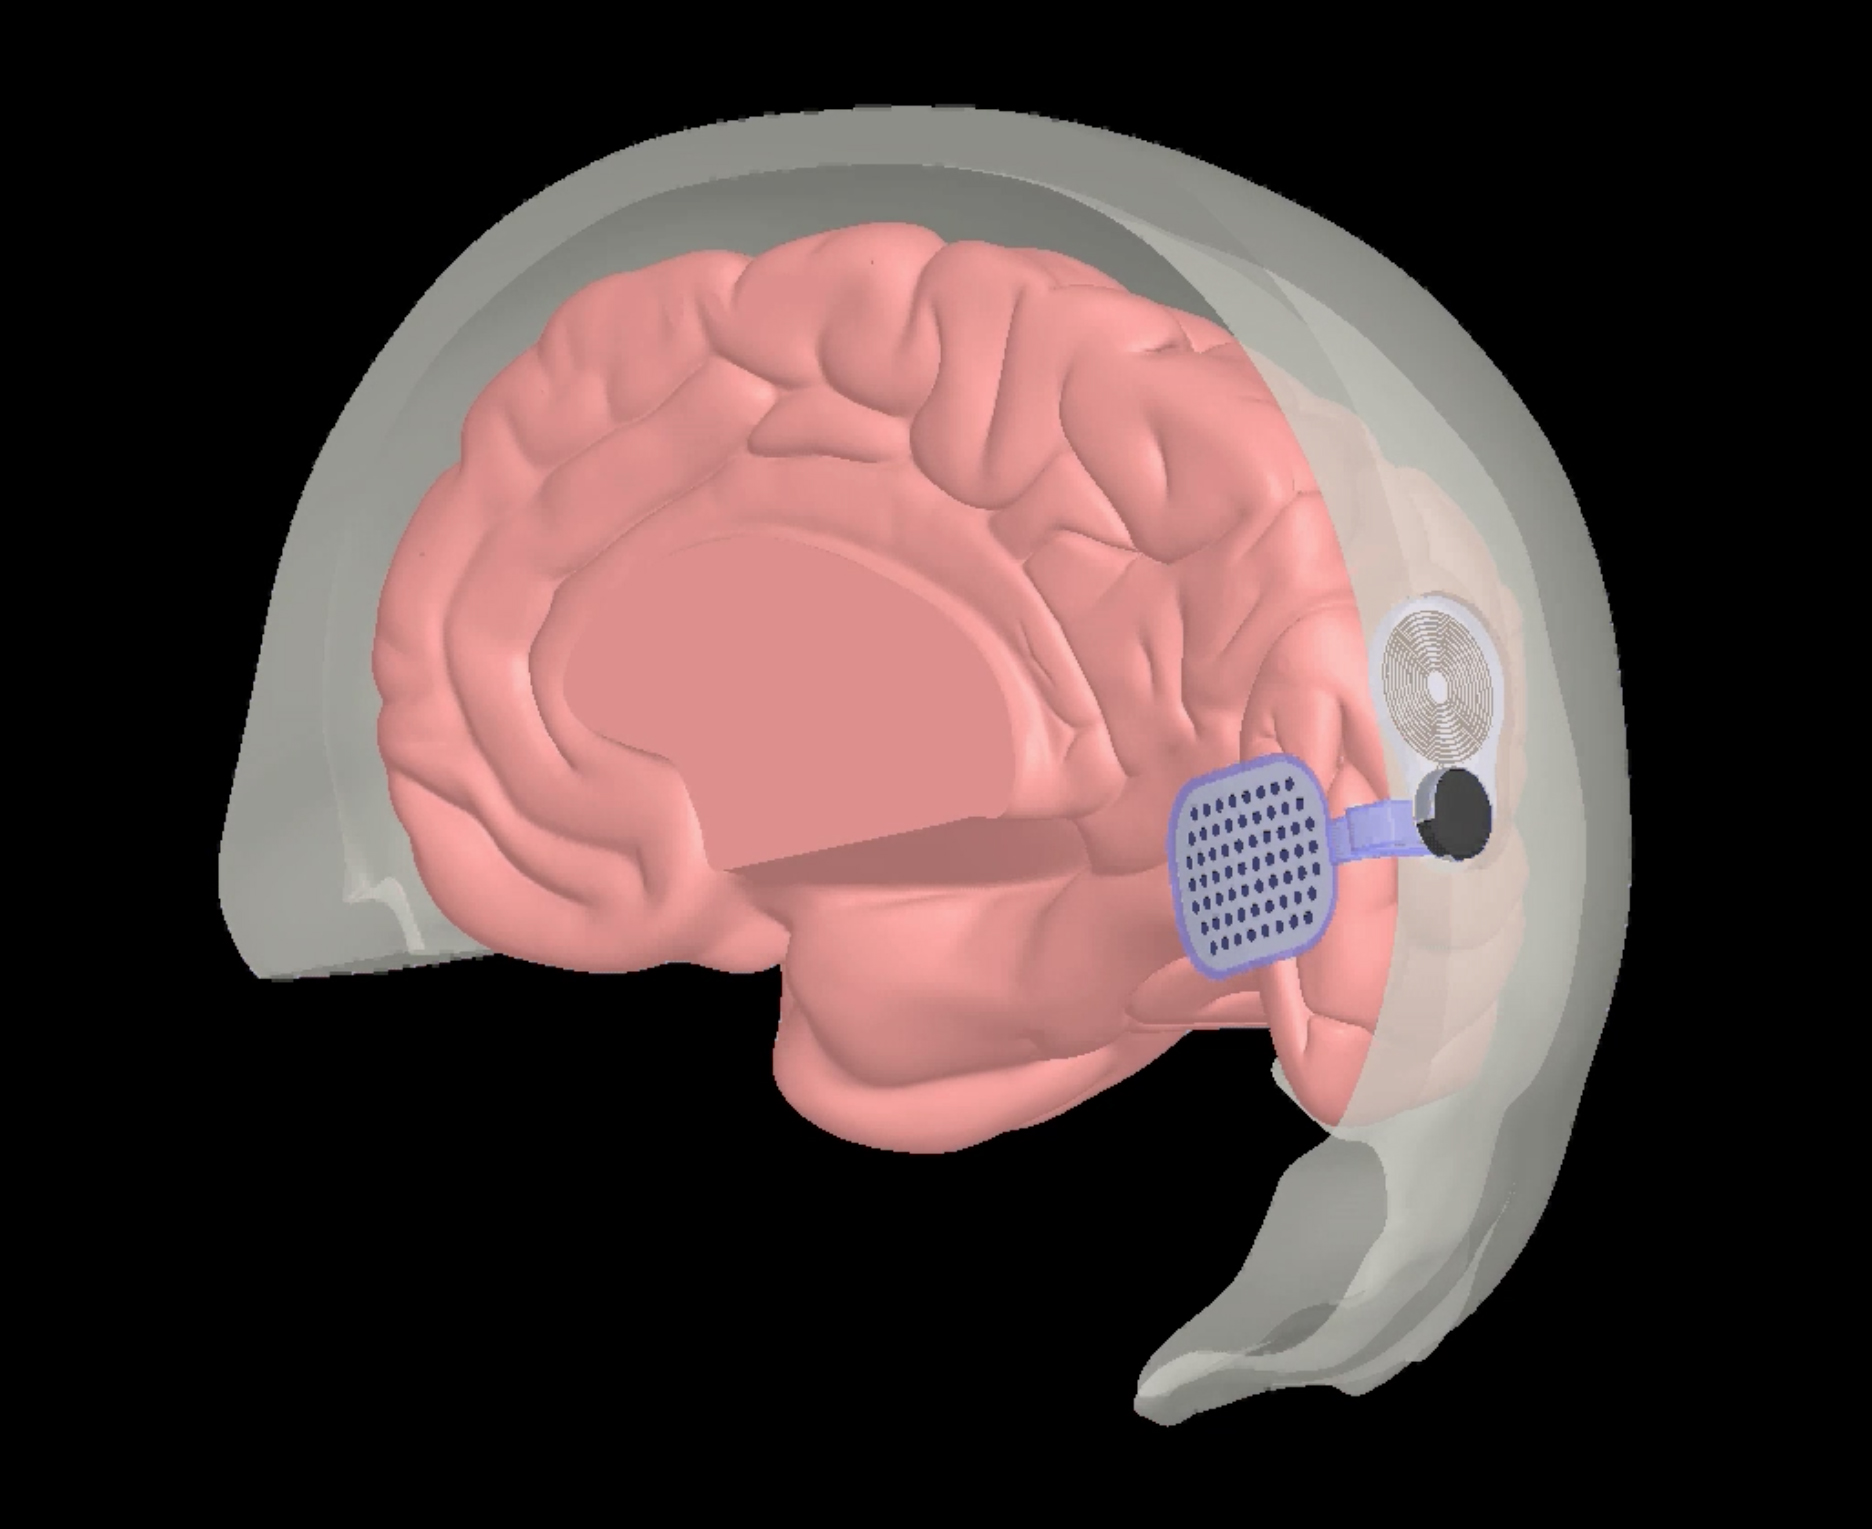 Una representación del dispositivo Orion de Second Sight, un implante cerebral que utiliza la mayor parte de la tecnología del dispositivo existente de la compañía, el Argus II.